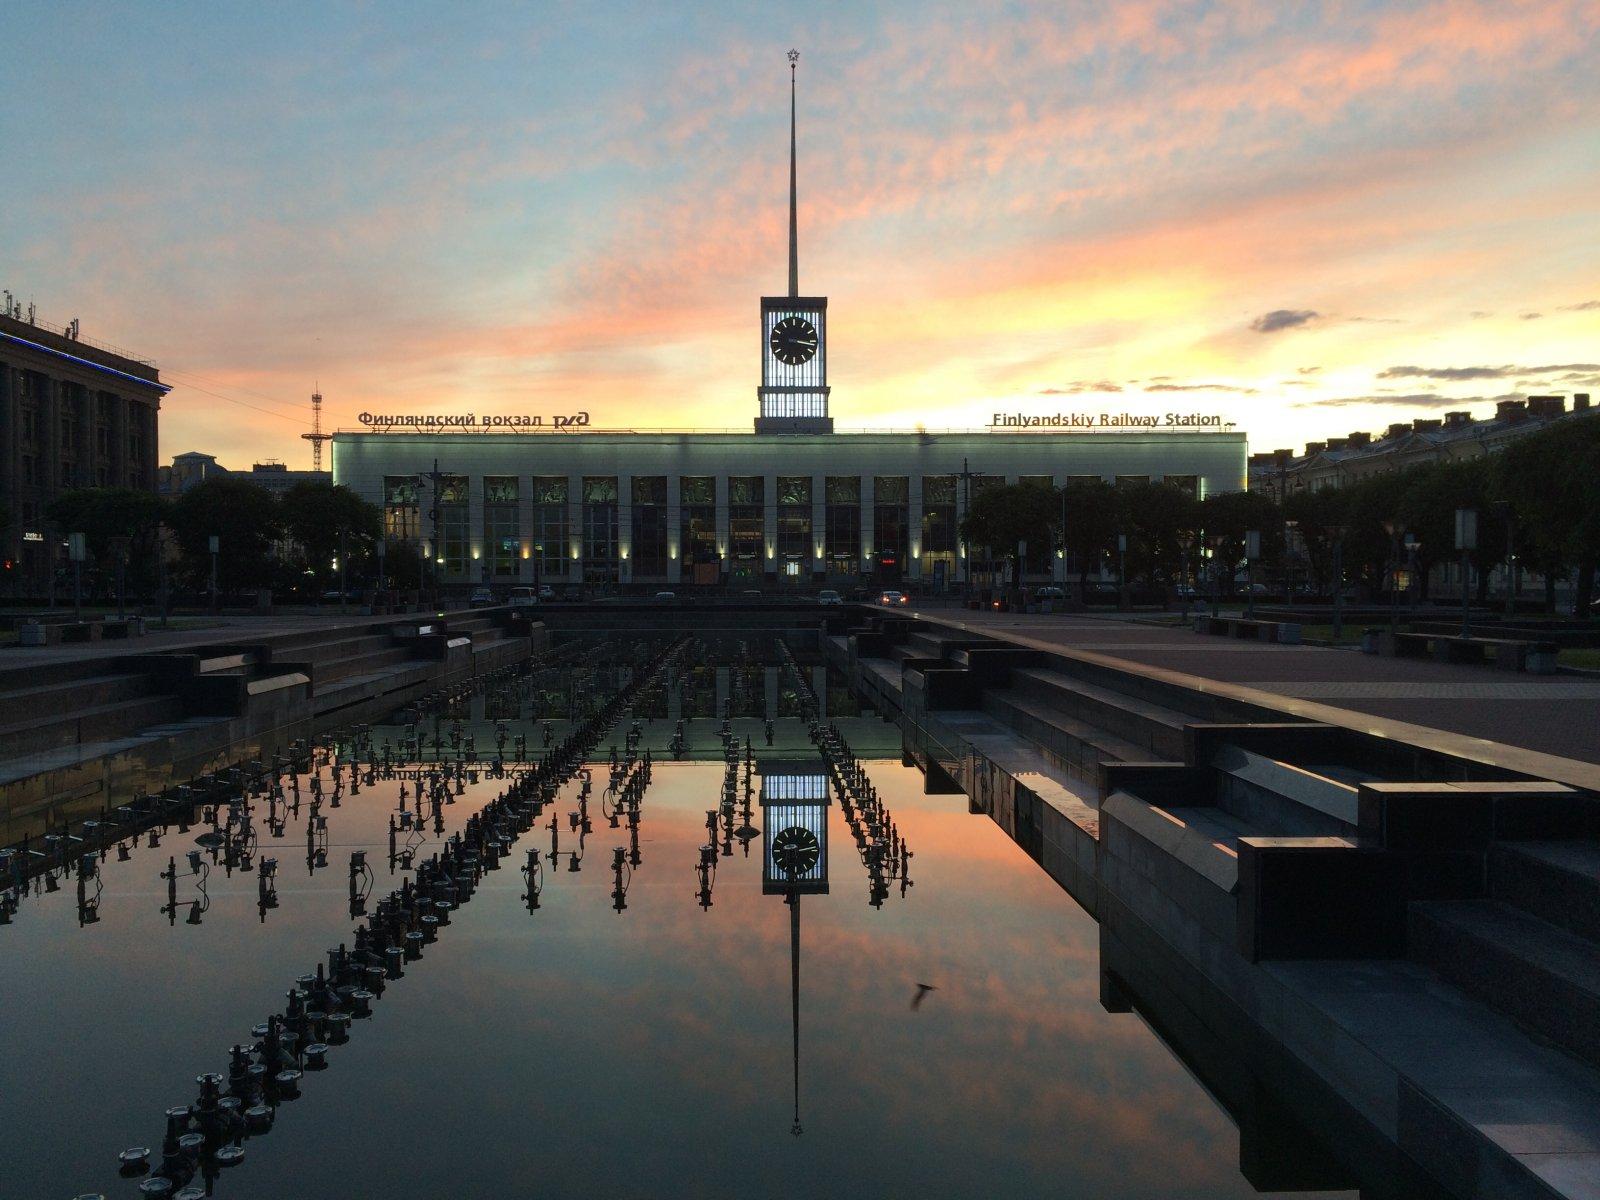 Финляндский вокзал петербург